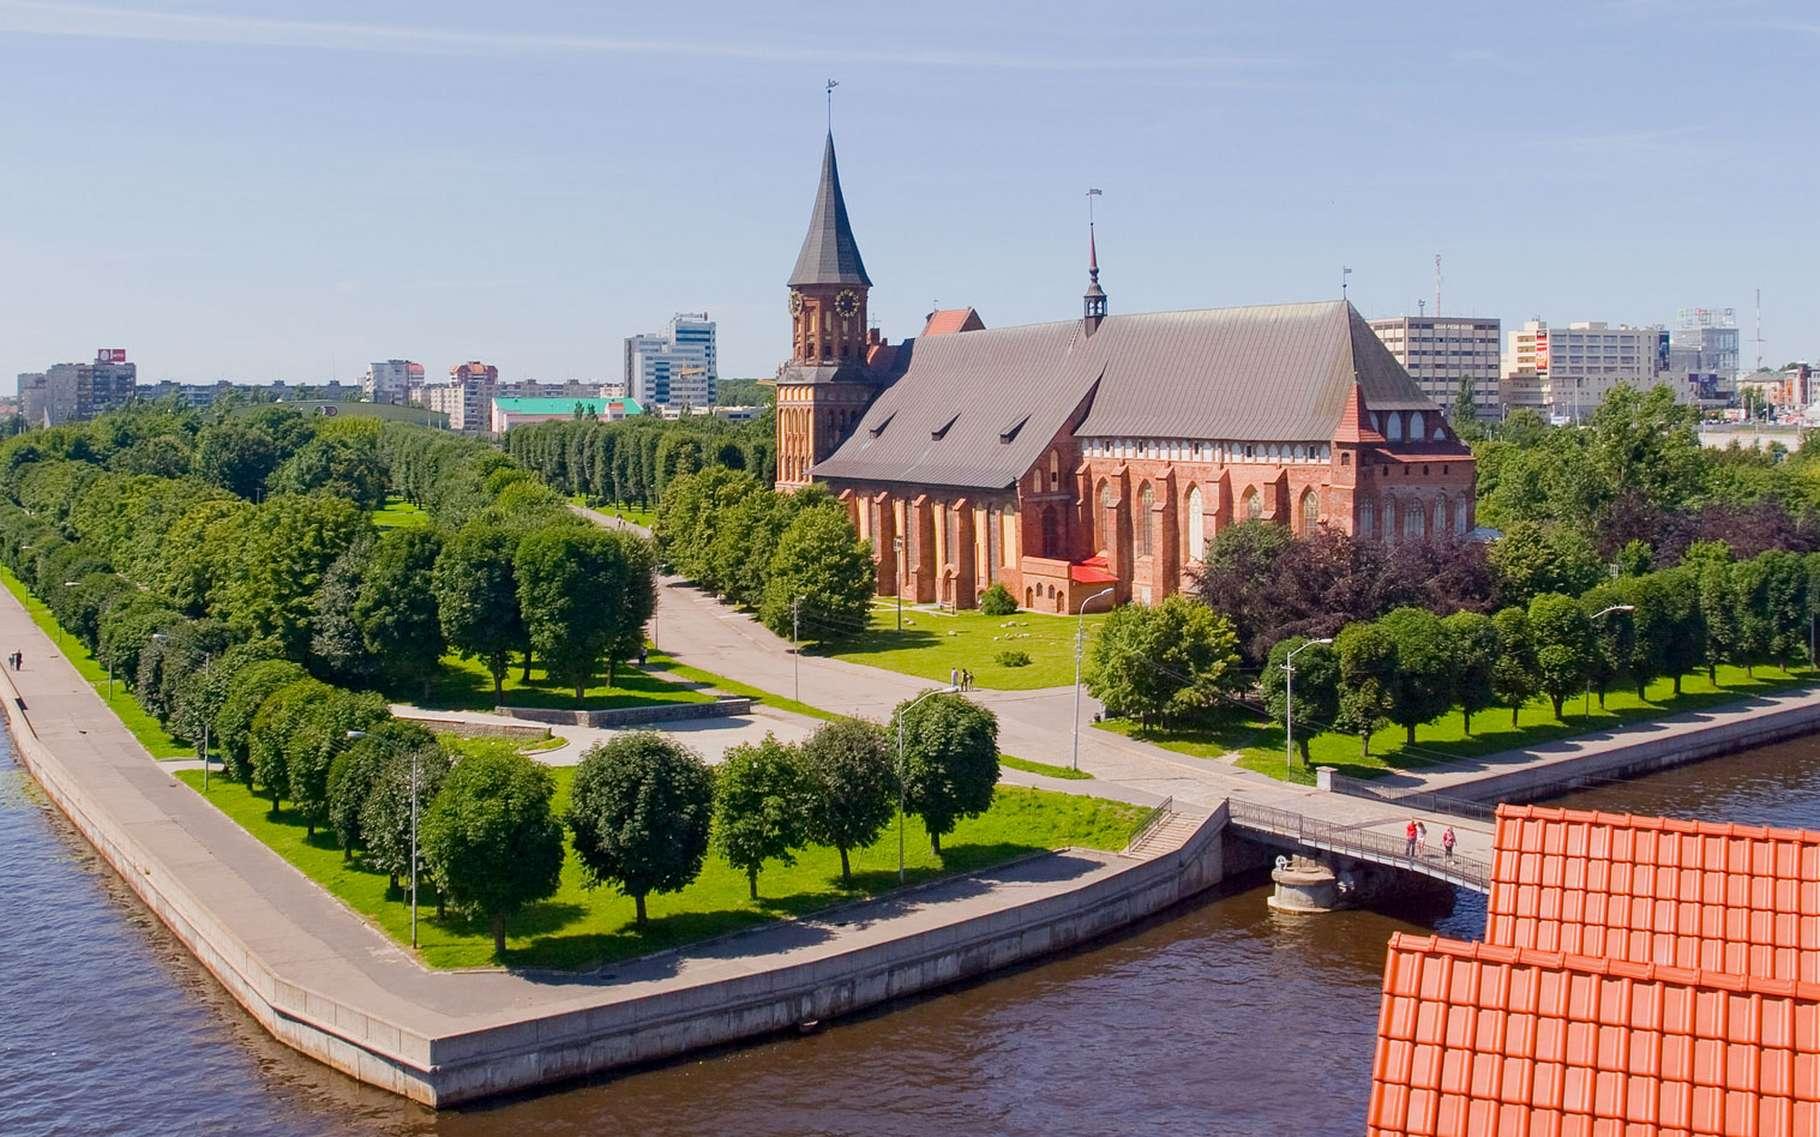 Promenade à Königsberg sur les berges du Pregel. © Gumerov Ildar, Wikimedia commons, DP